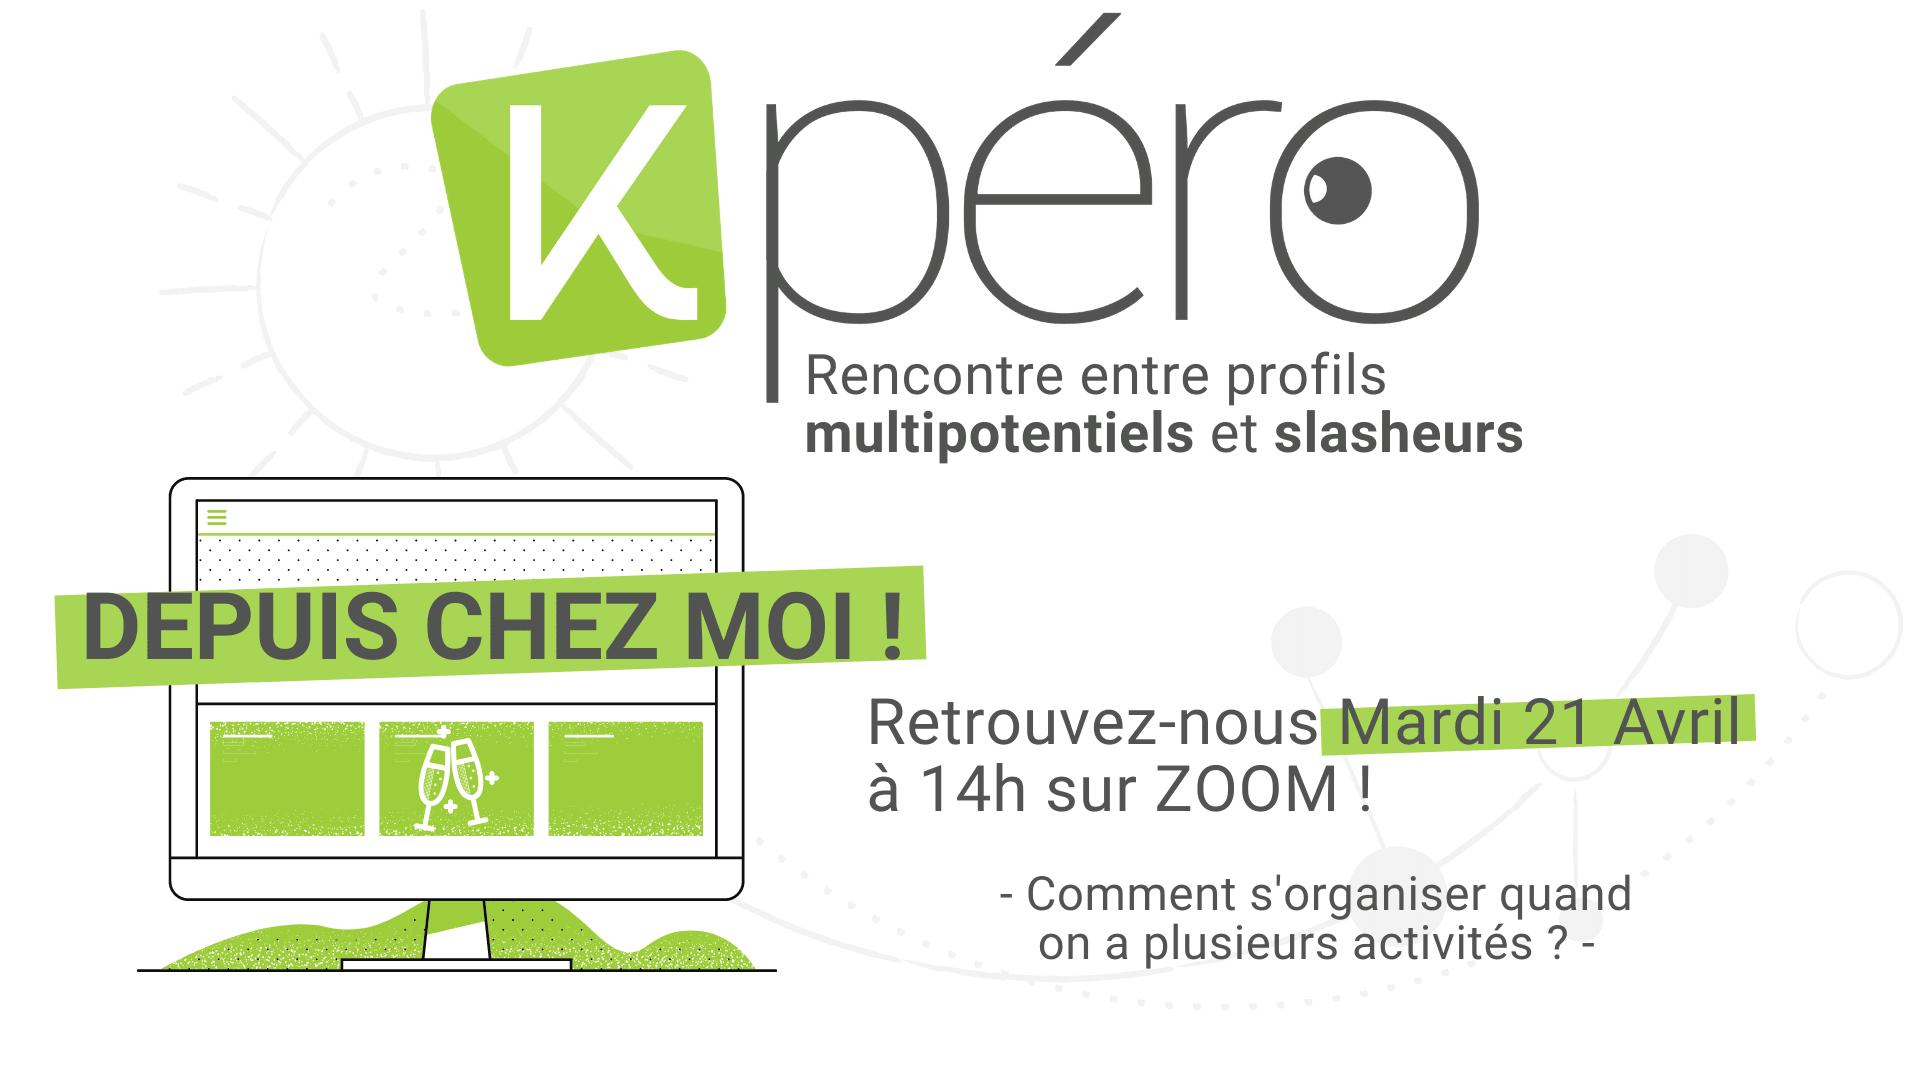 Kpero Visioconférence multipotentiel slasheur mardi 21 avril 2020 s'organiser quand on a plusieurs activités